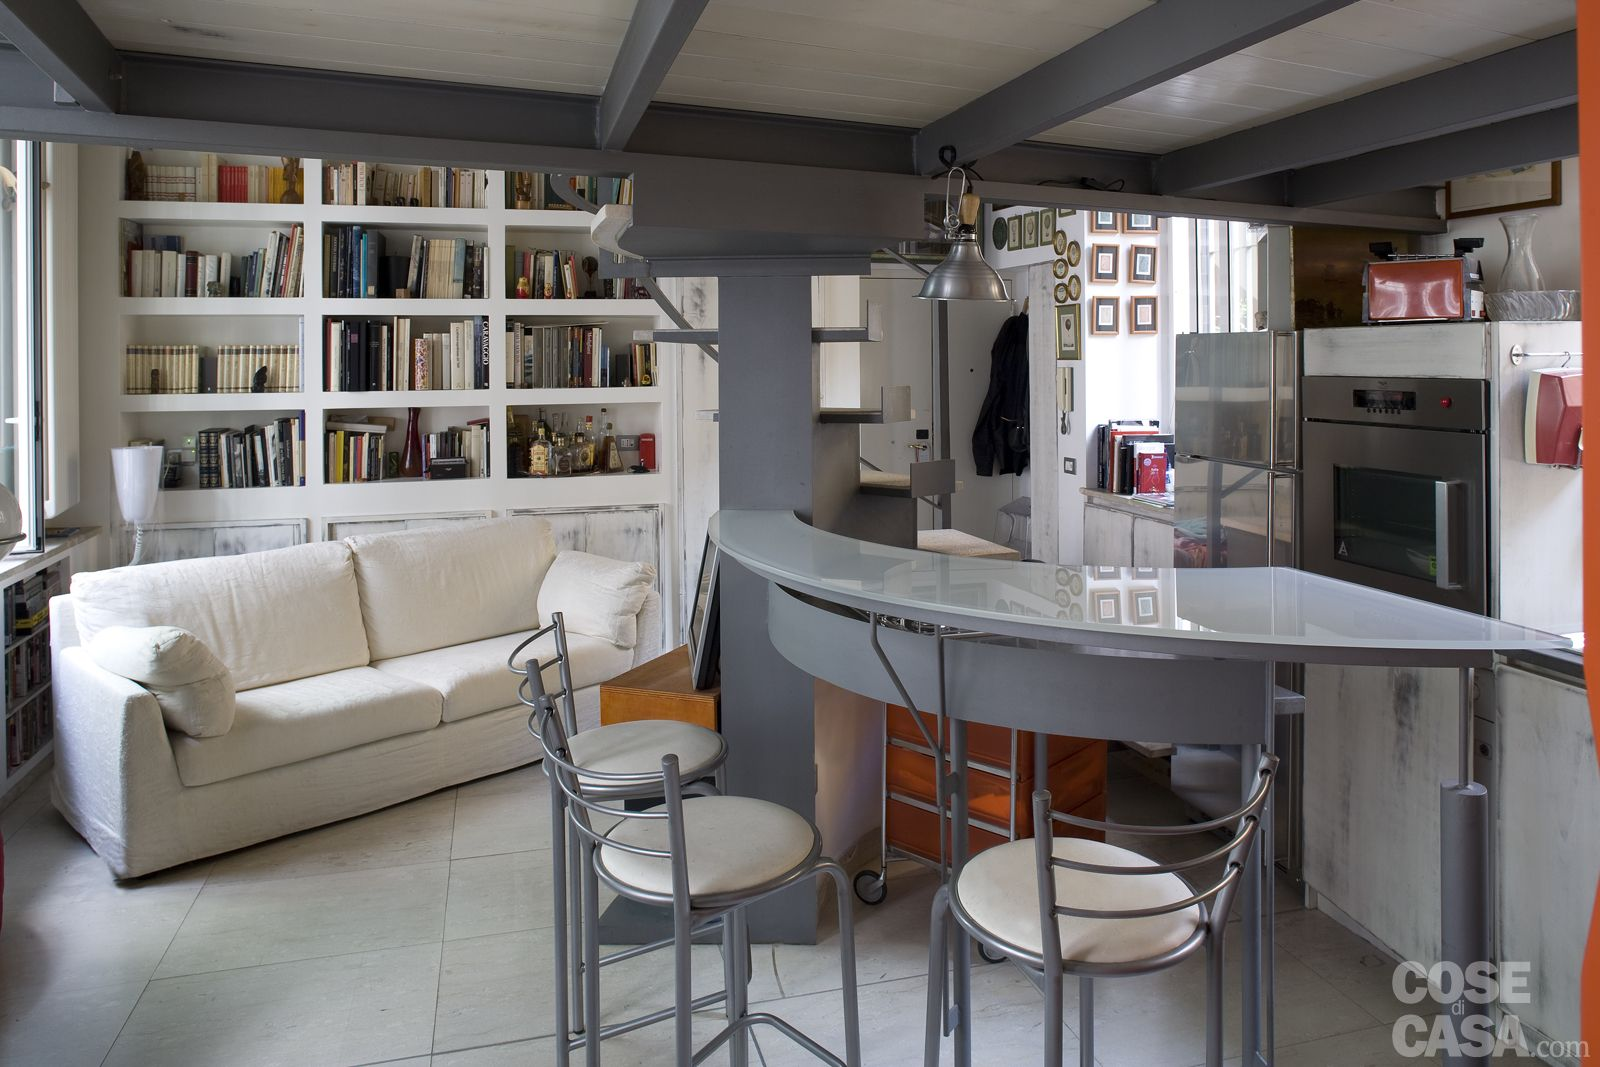 Casa piccola 43 mq soppalco per studio e cabina armadio for Registrare i piani di casa con soppalco